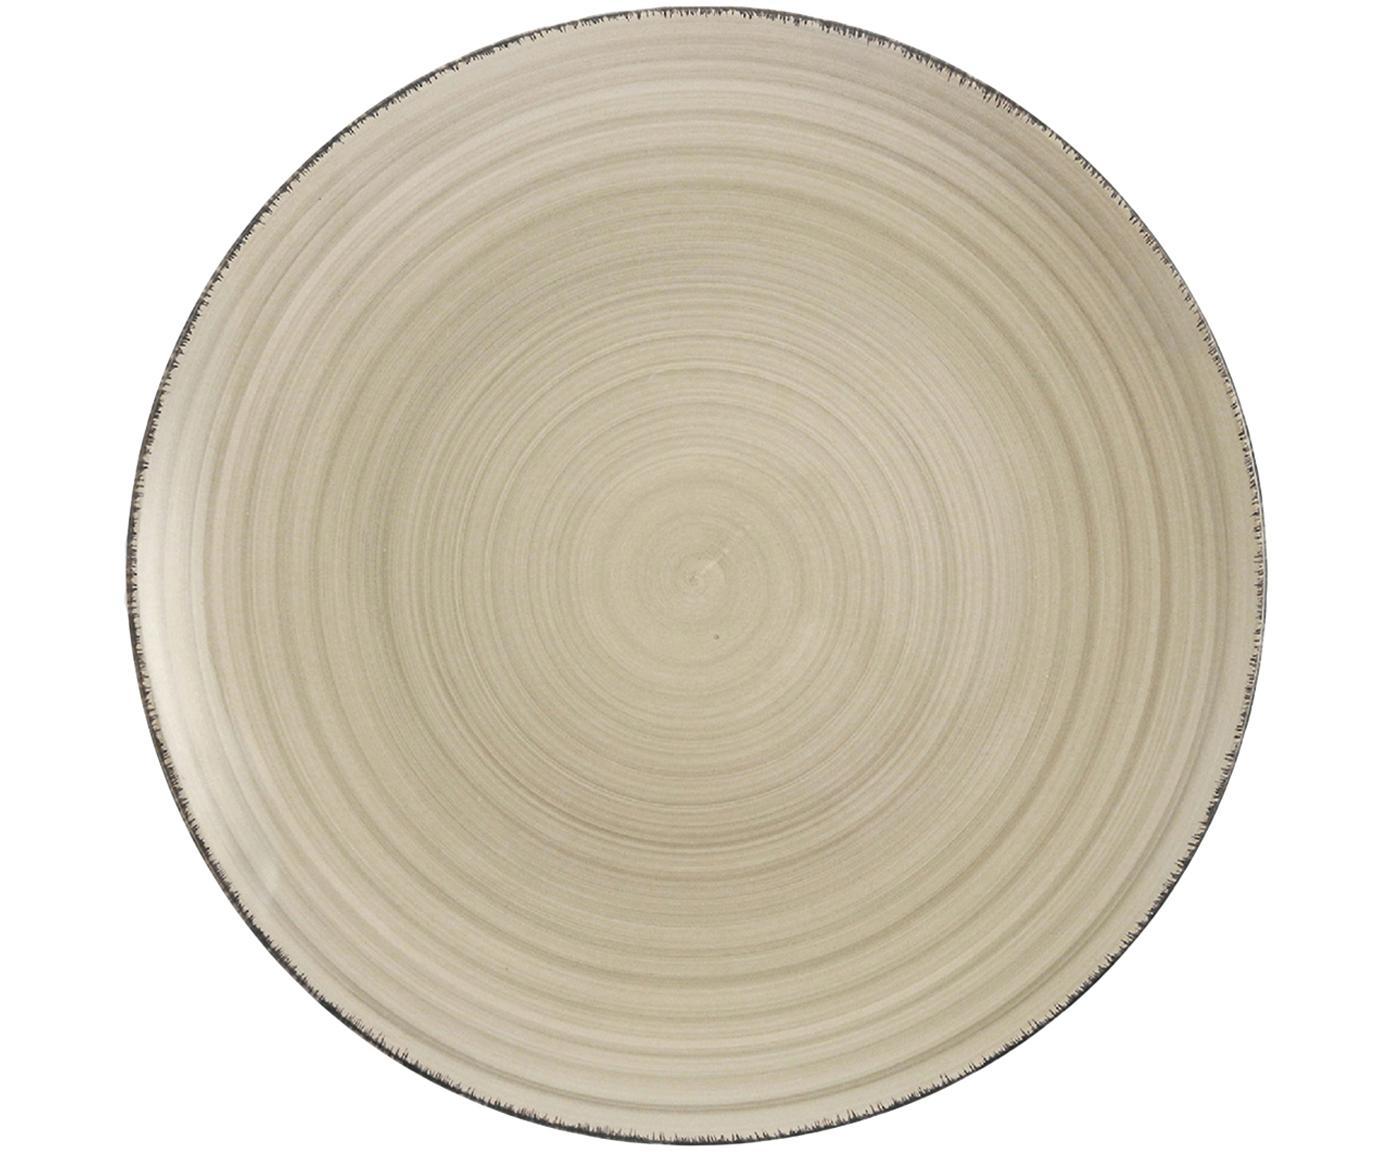 Platos llano Baita, 6uds., Gres, pintadaamano, Gris, Ø 27 cm